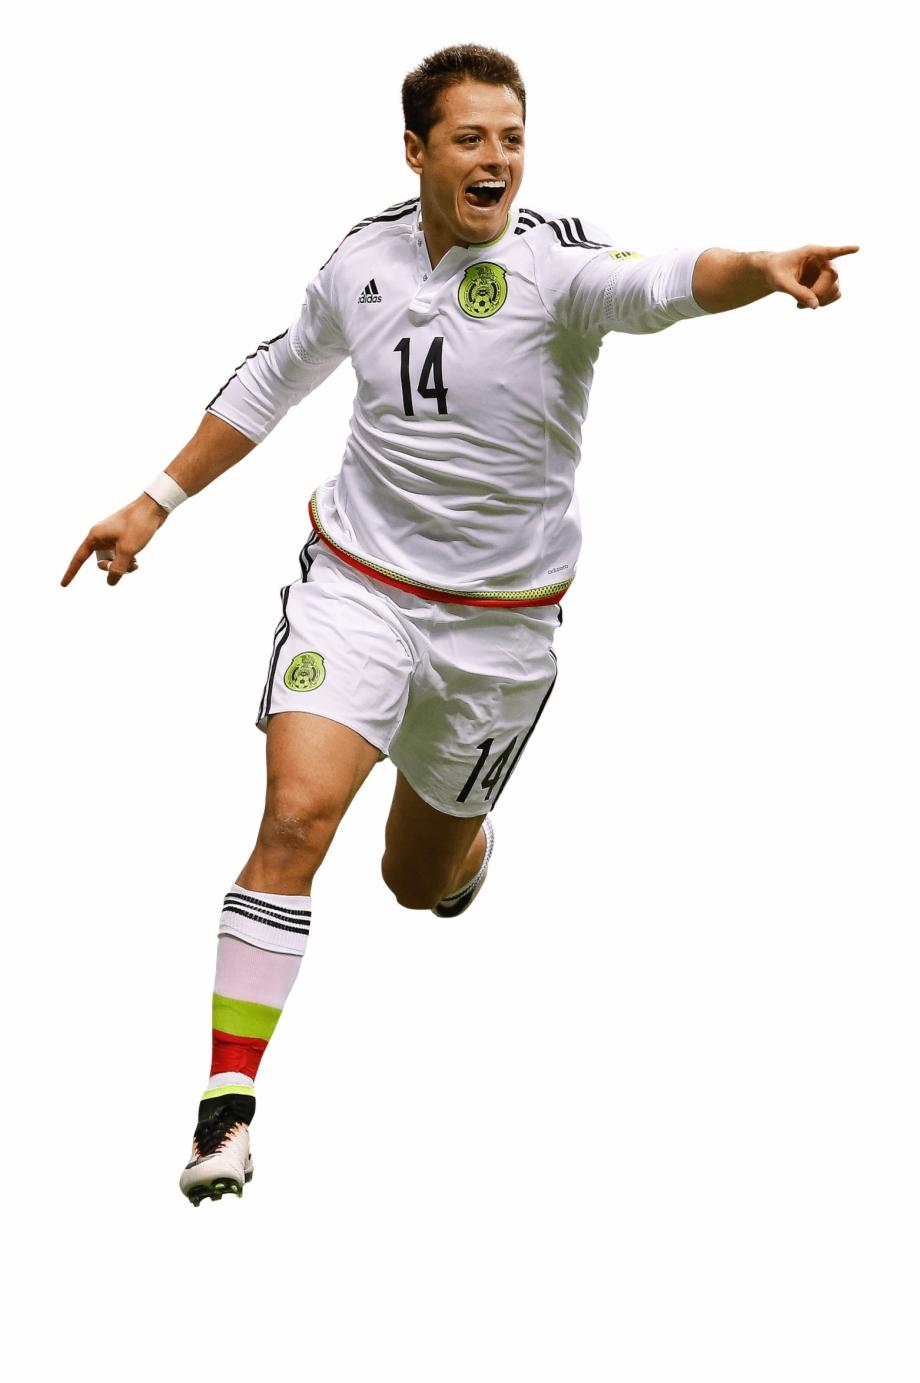 Transparent Javier Hernandez, Transparent Png Download For Free.